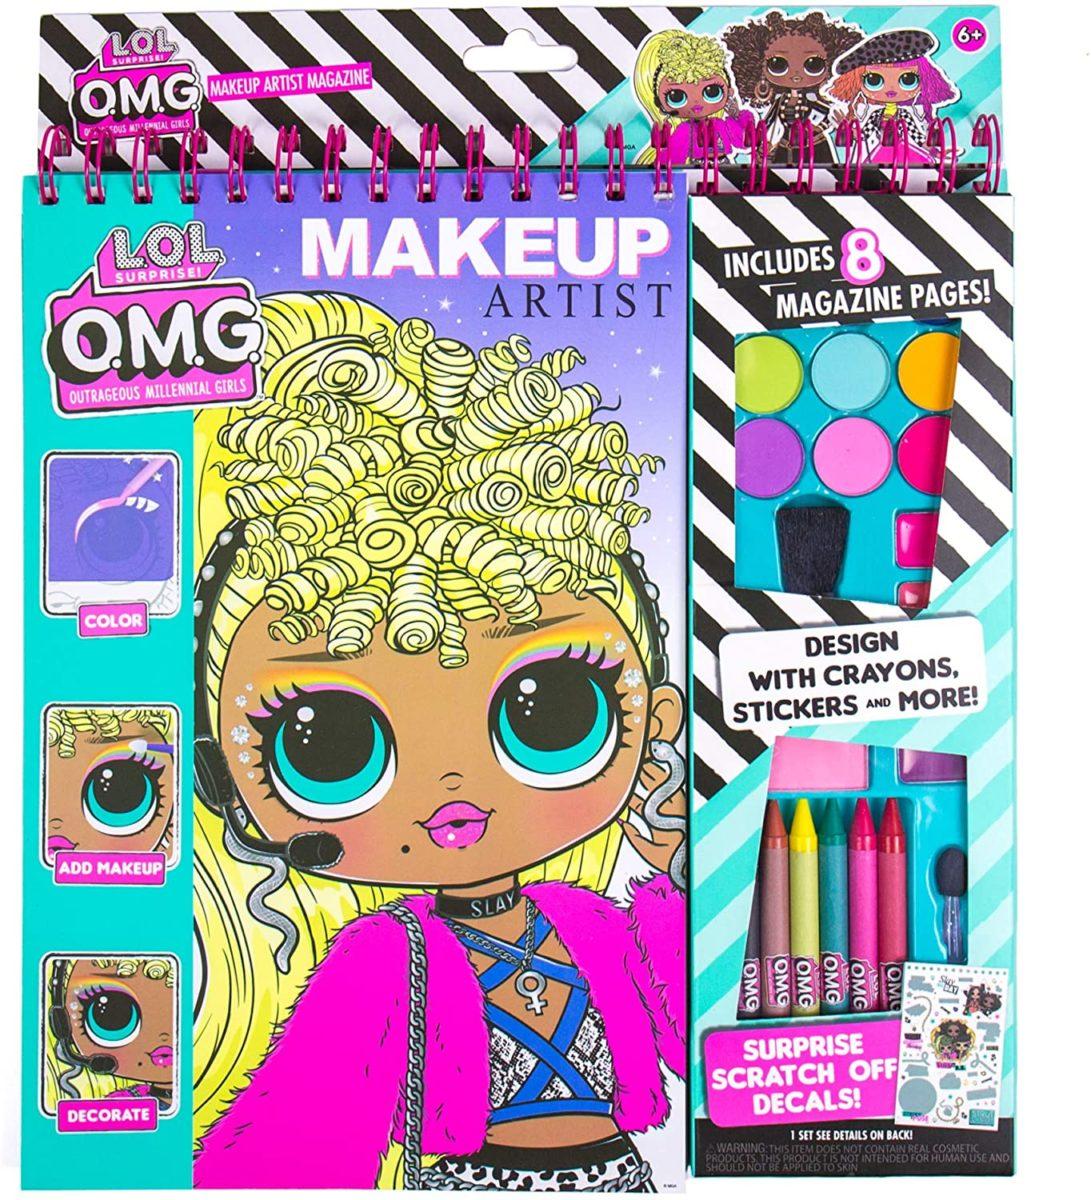 l.o.l. omg makeup artist